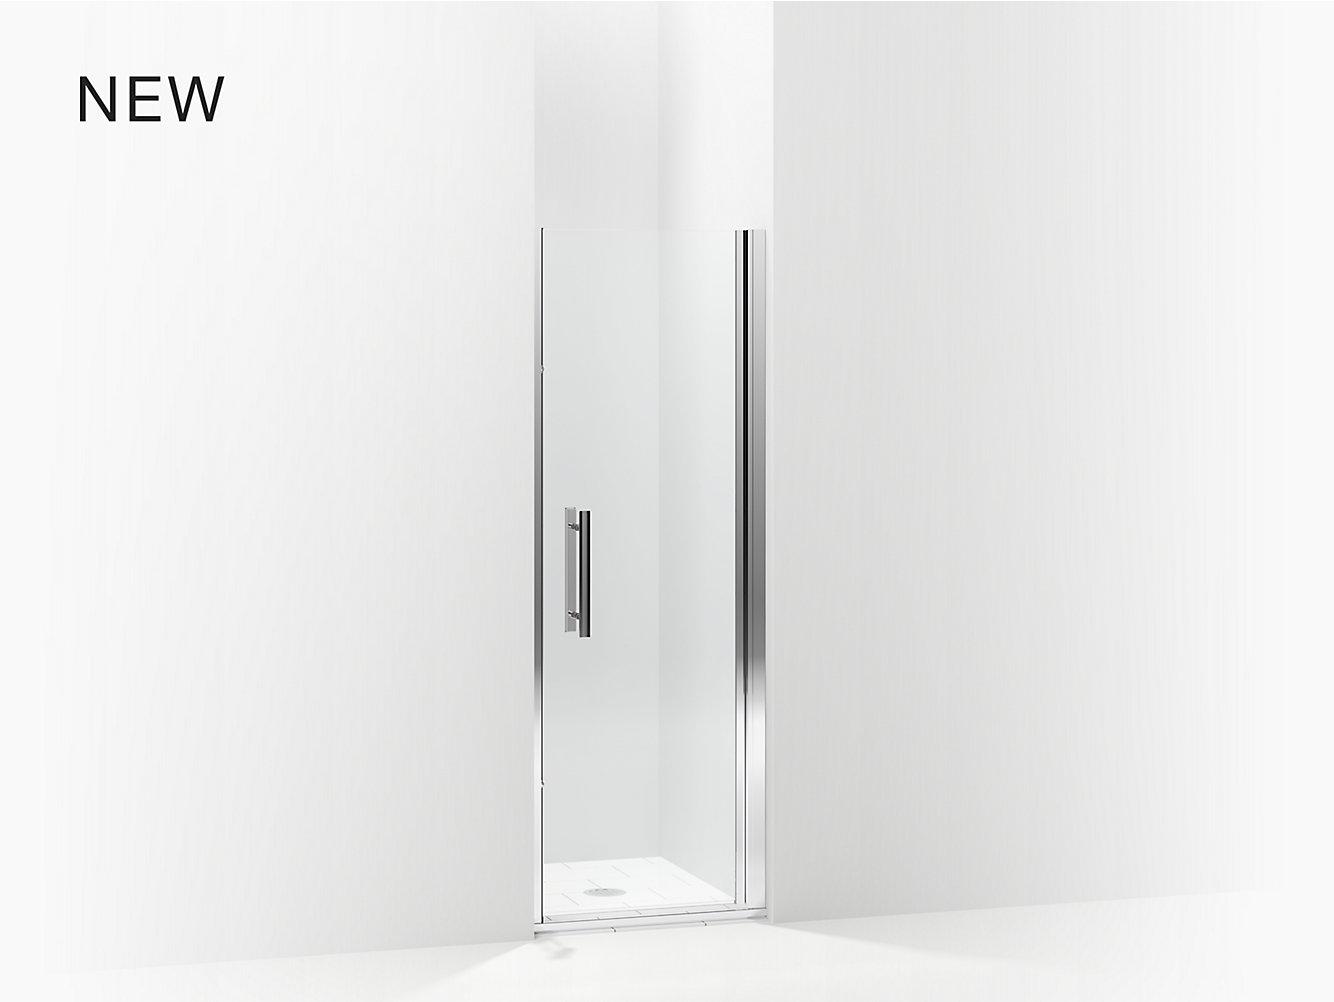 Finesse Peakr Swinging Shower Door Height 67 Max Opening 27